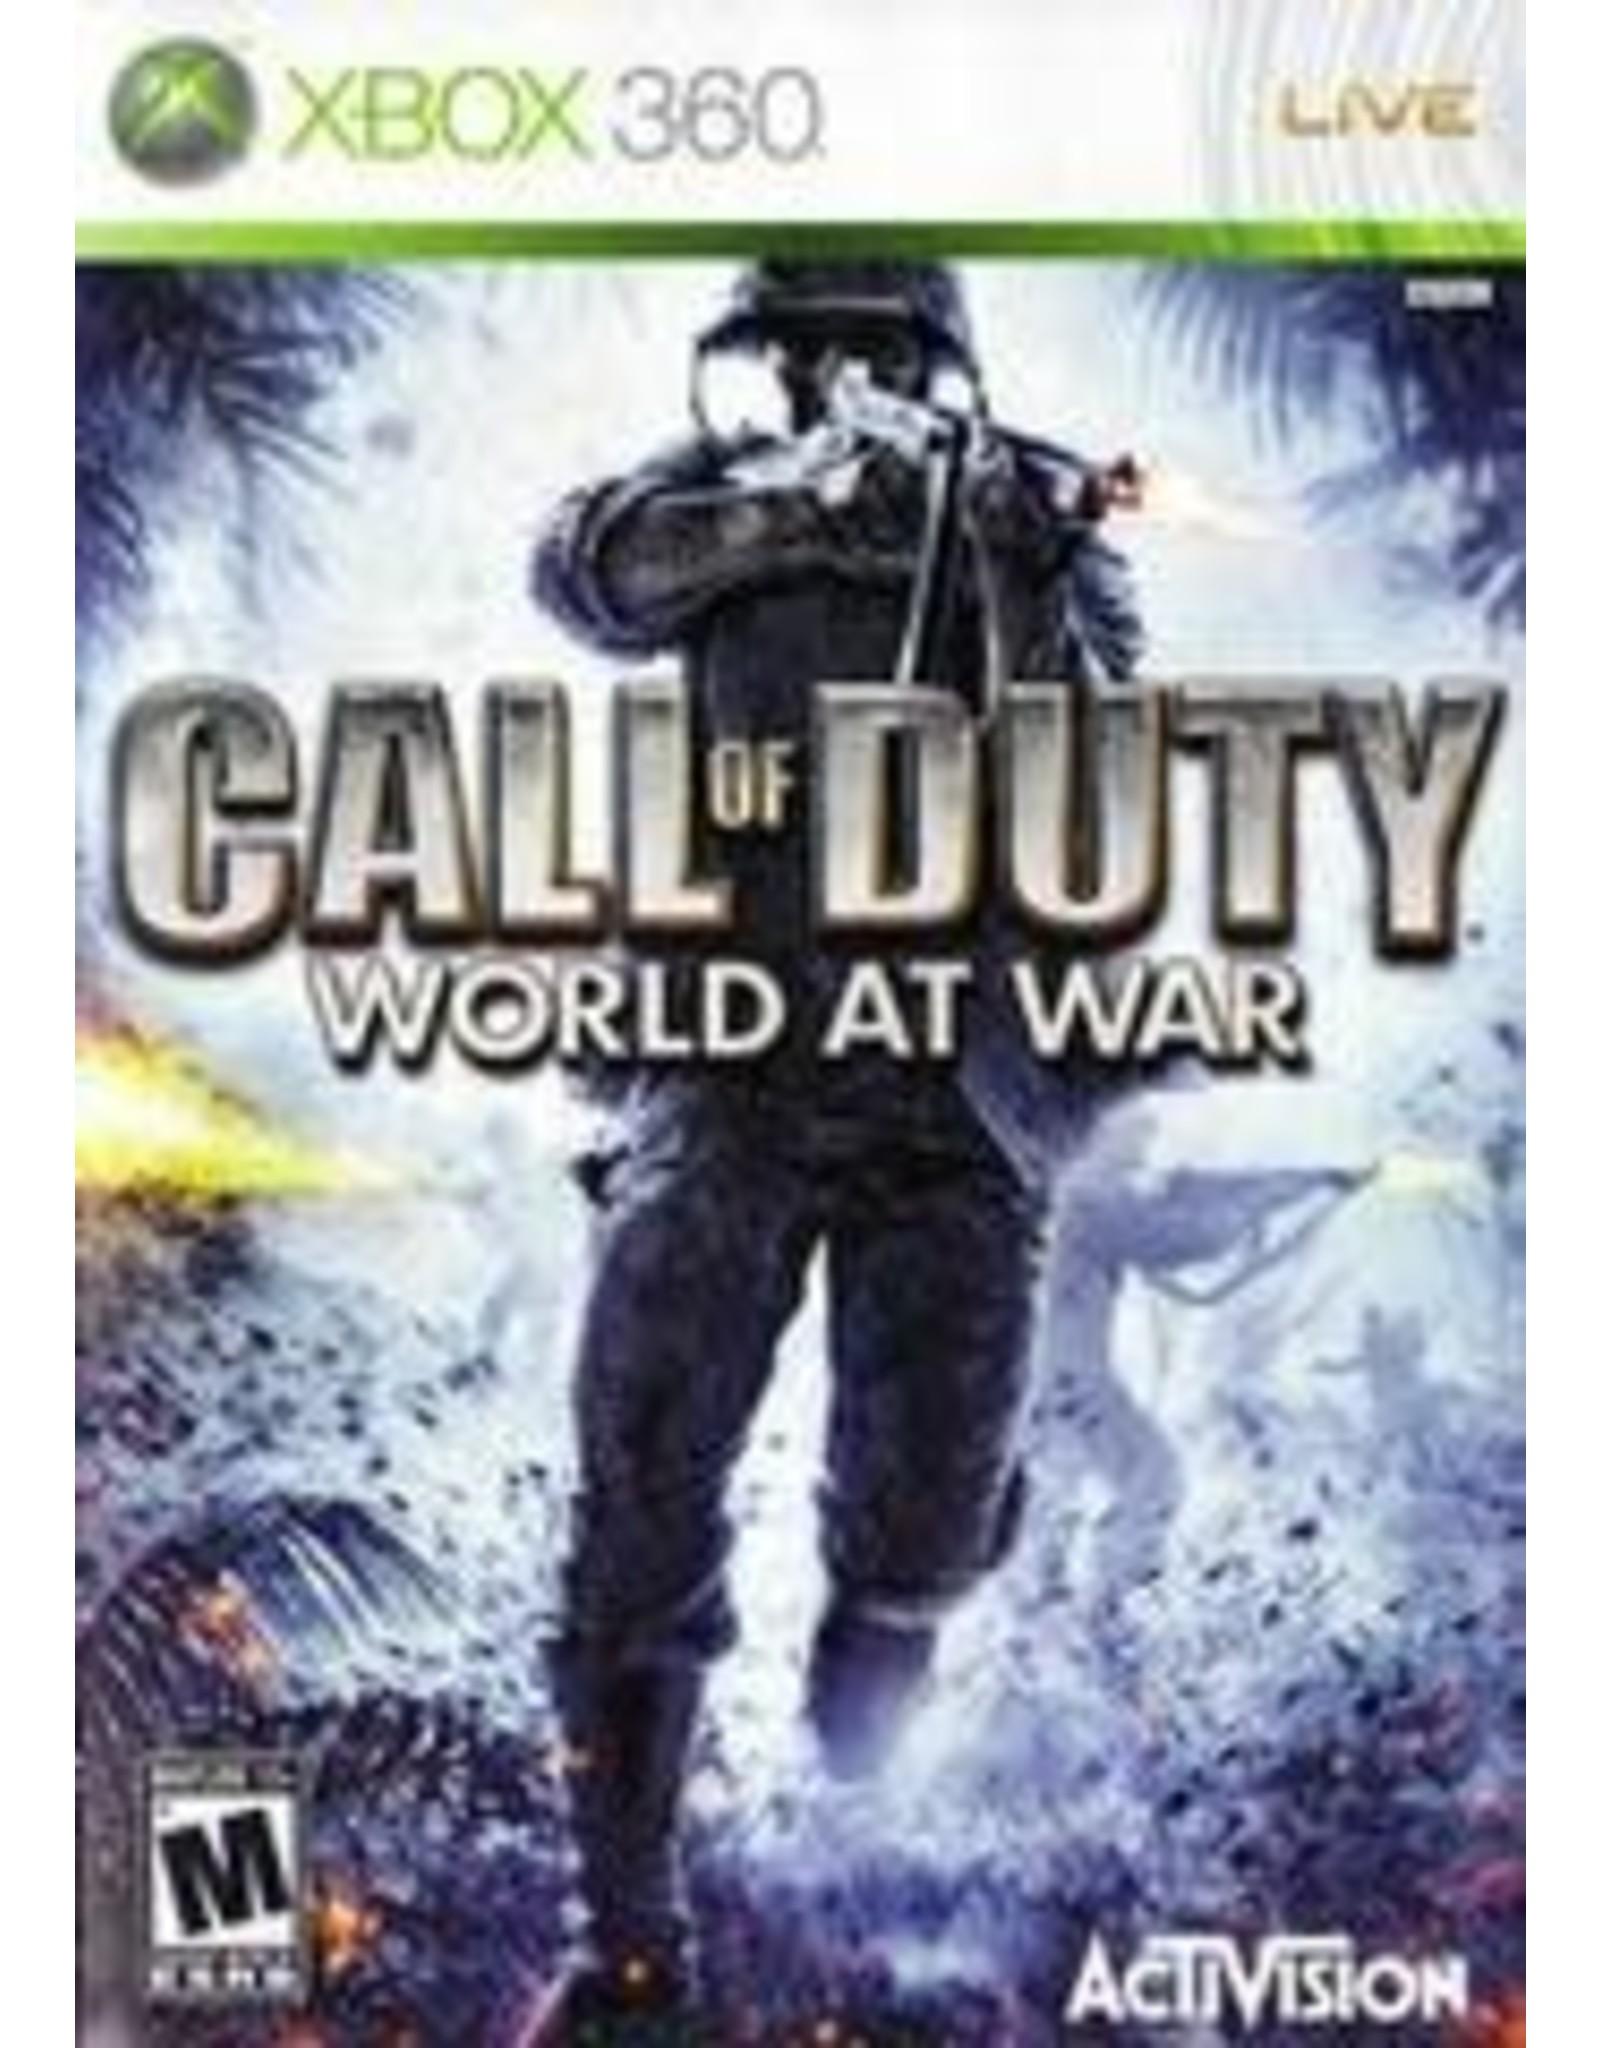 Xbox 360 Call of Duty World at War (CiB)